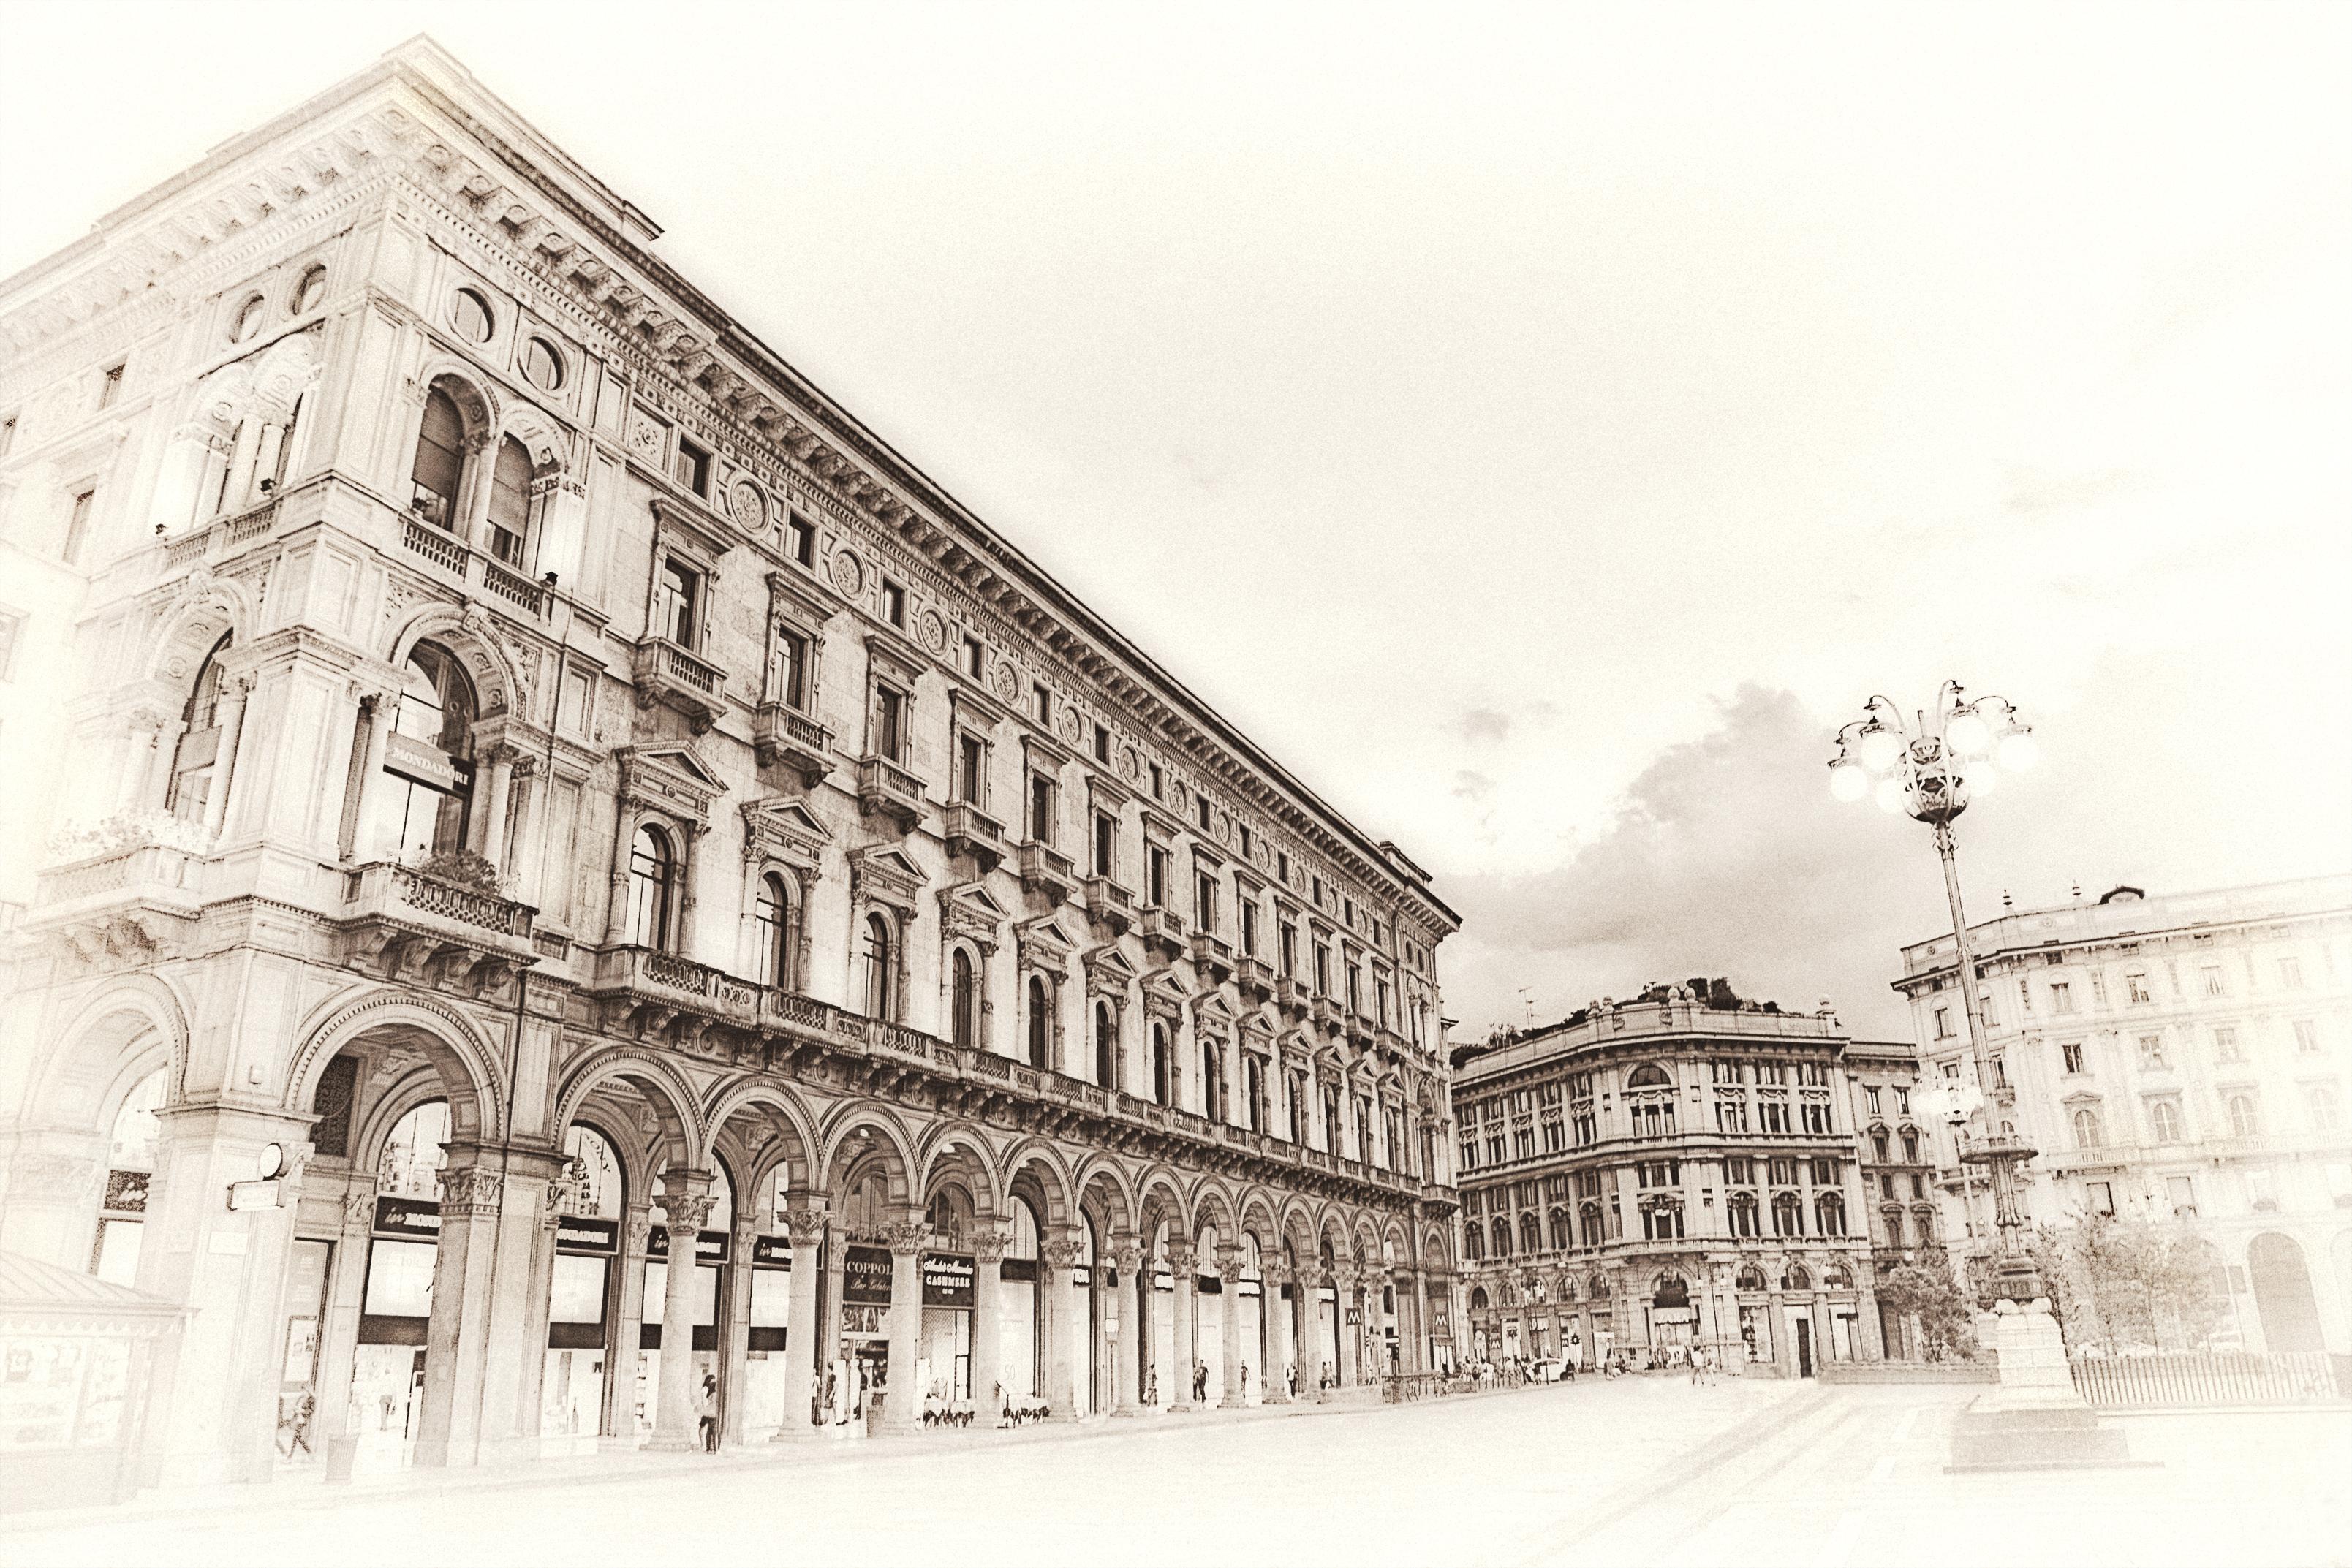 Piazza Del Duomo | Cathedral Square